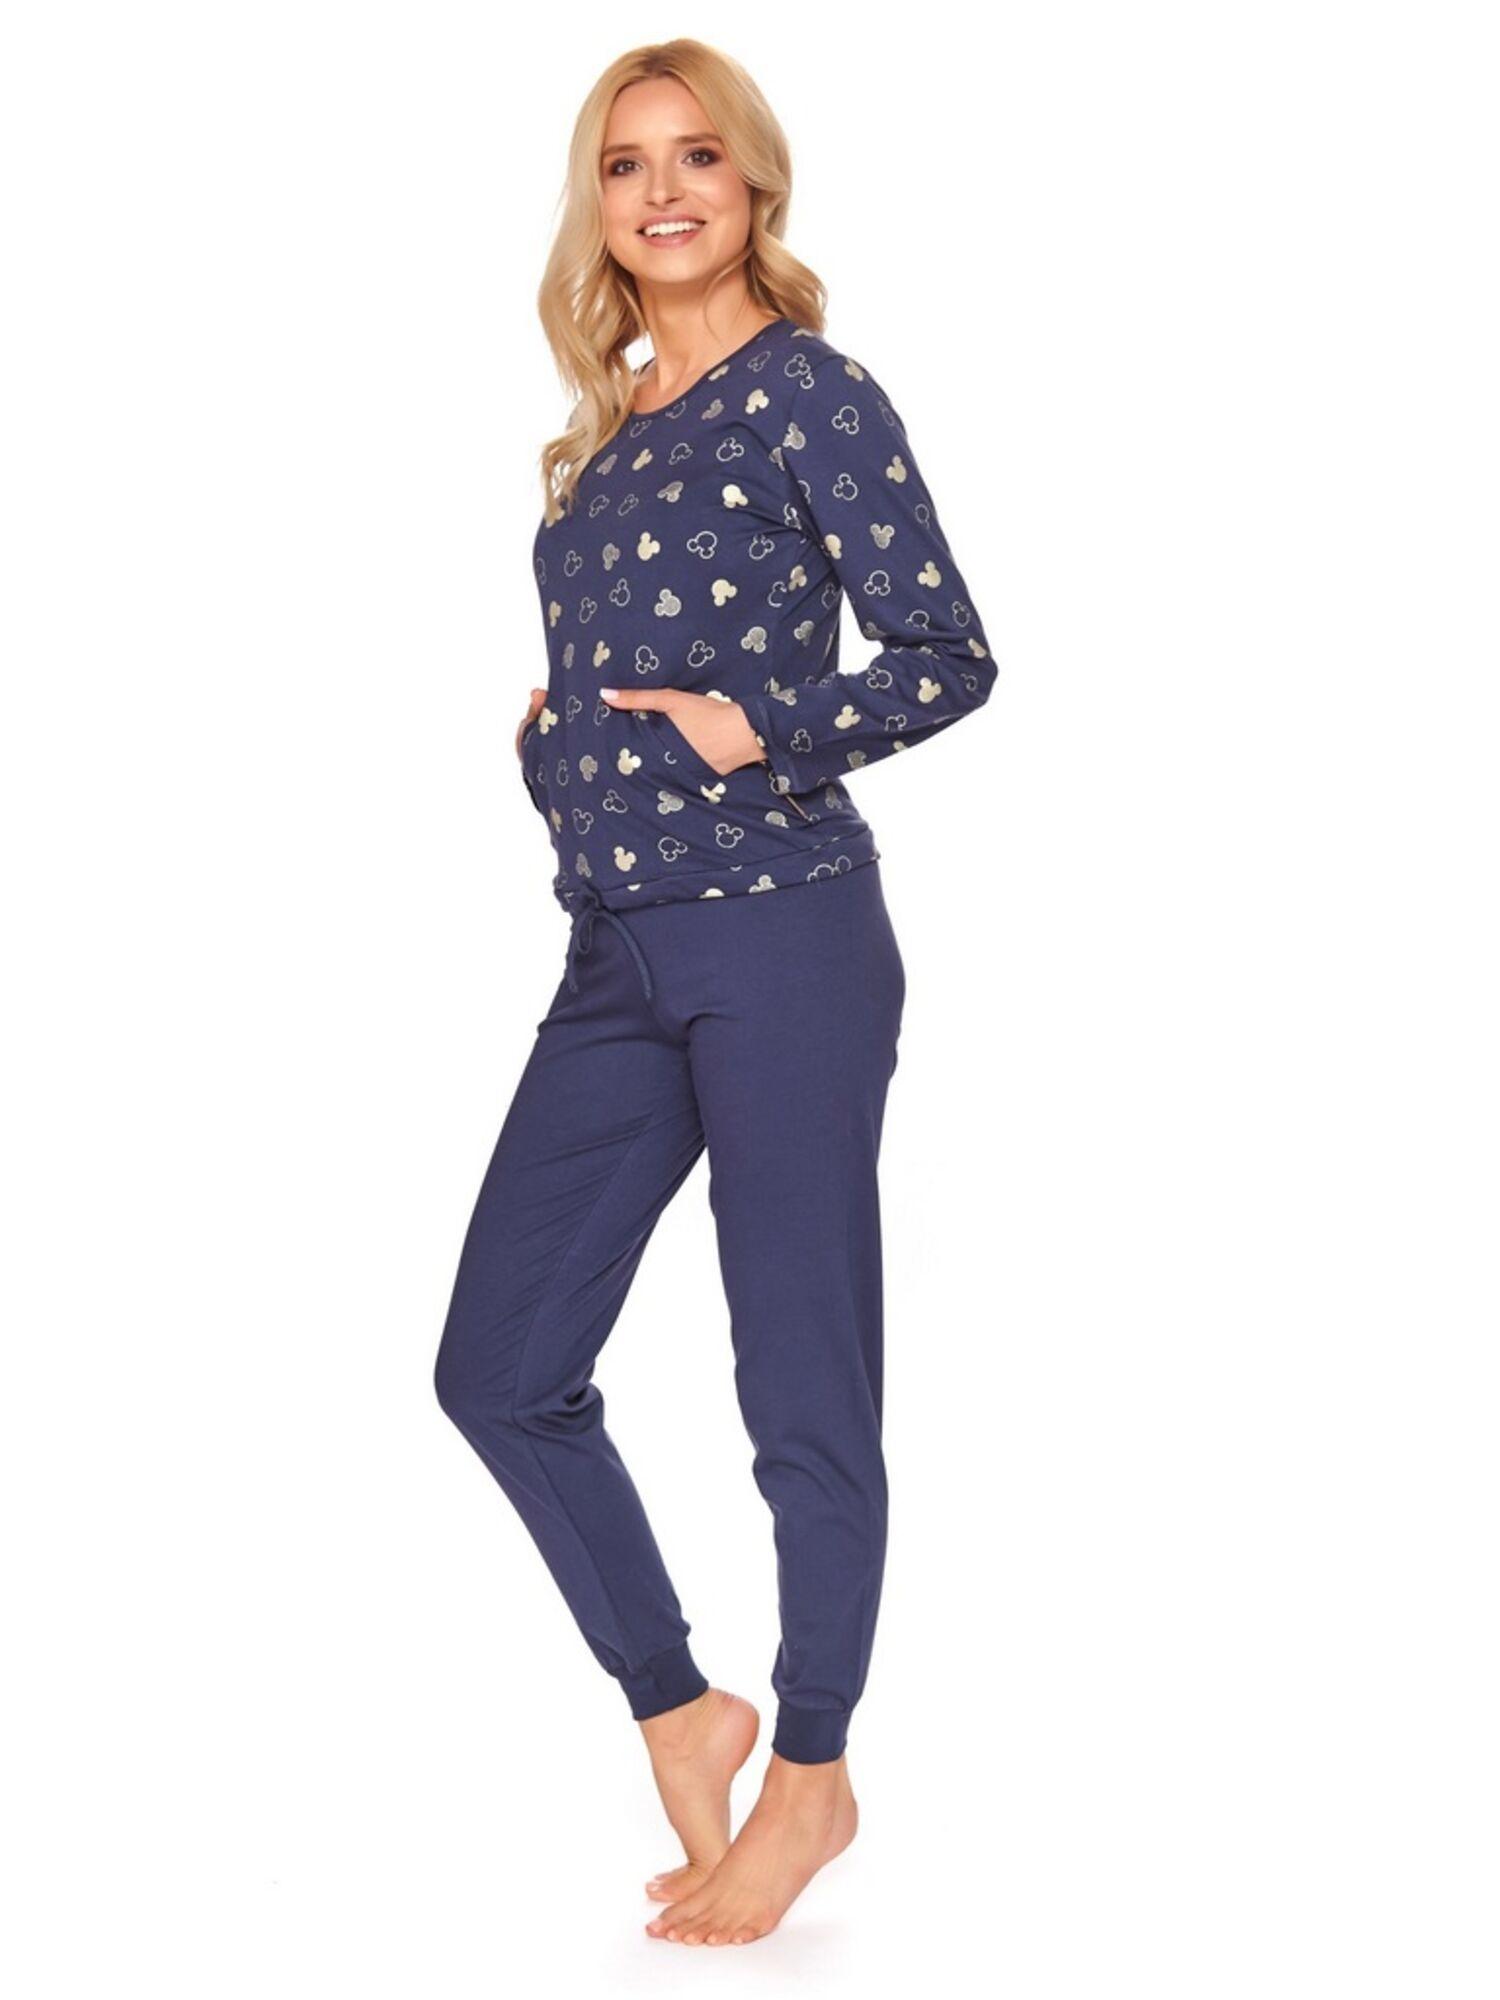 Пижама женская со штанами 4121 PM, синий, DOCTOR NAP